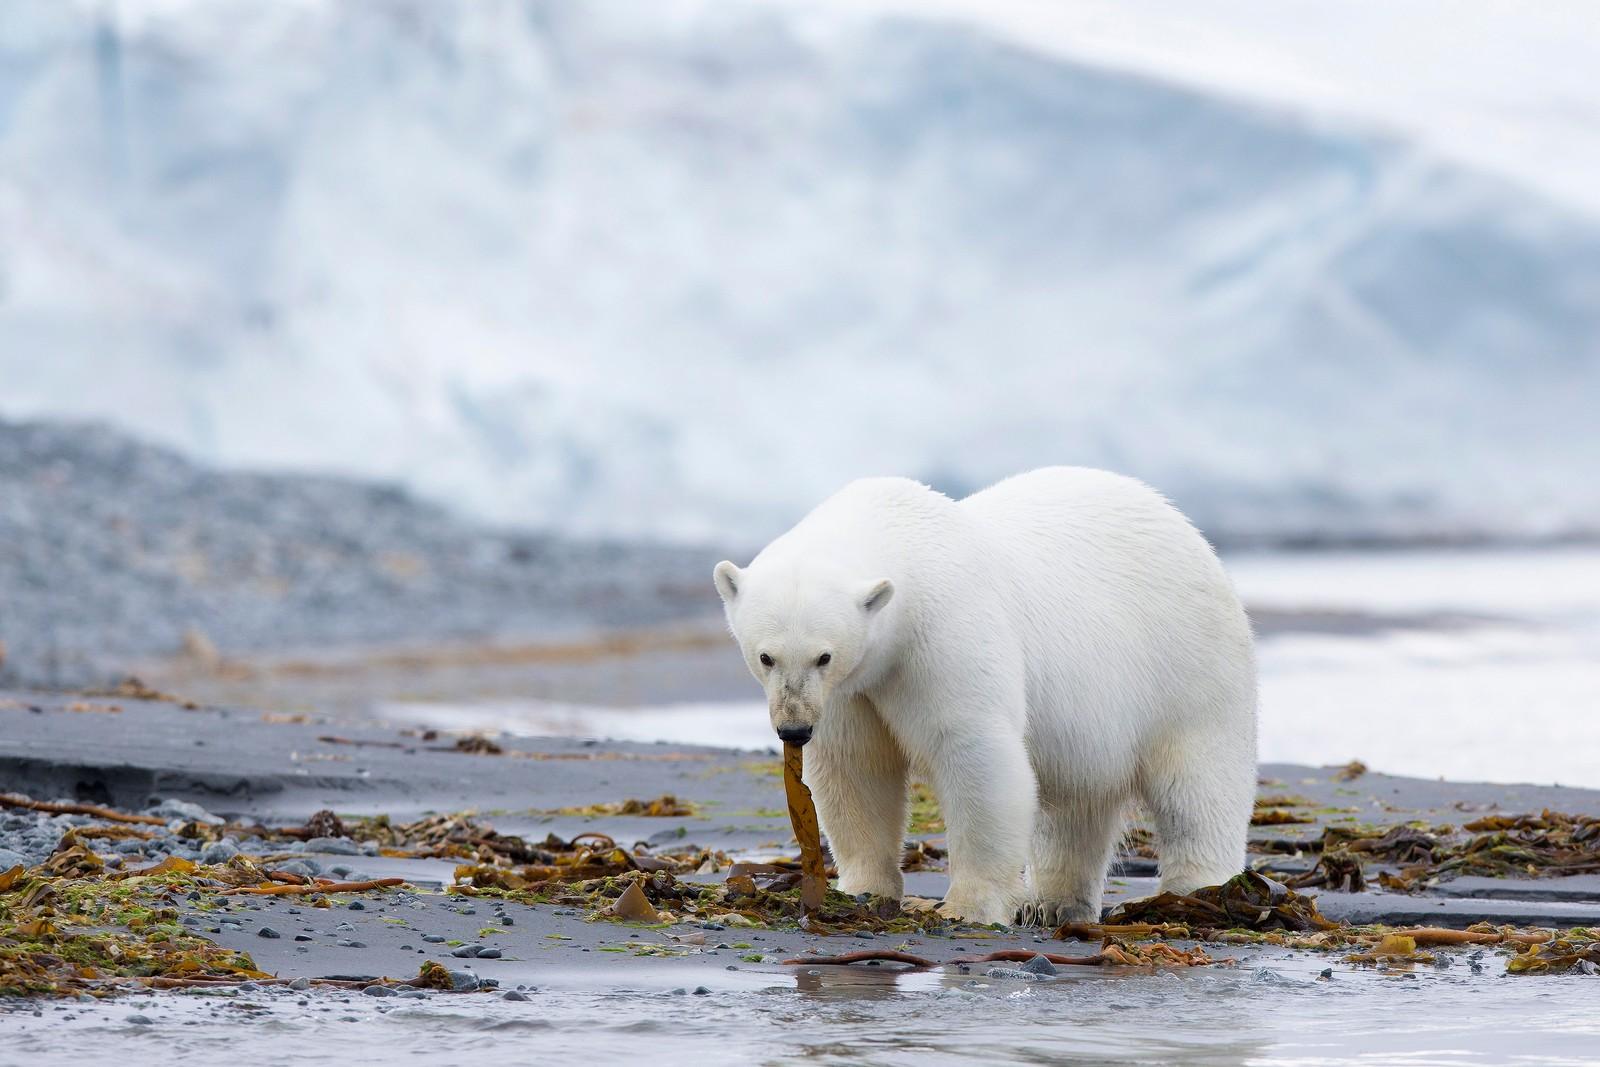 Isbjørn spiser også en del tare om sommeren. Forskere finner mye rester av dette i avføringen til bjørnen.